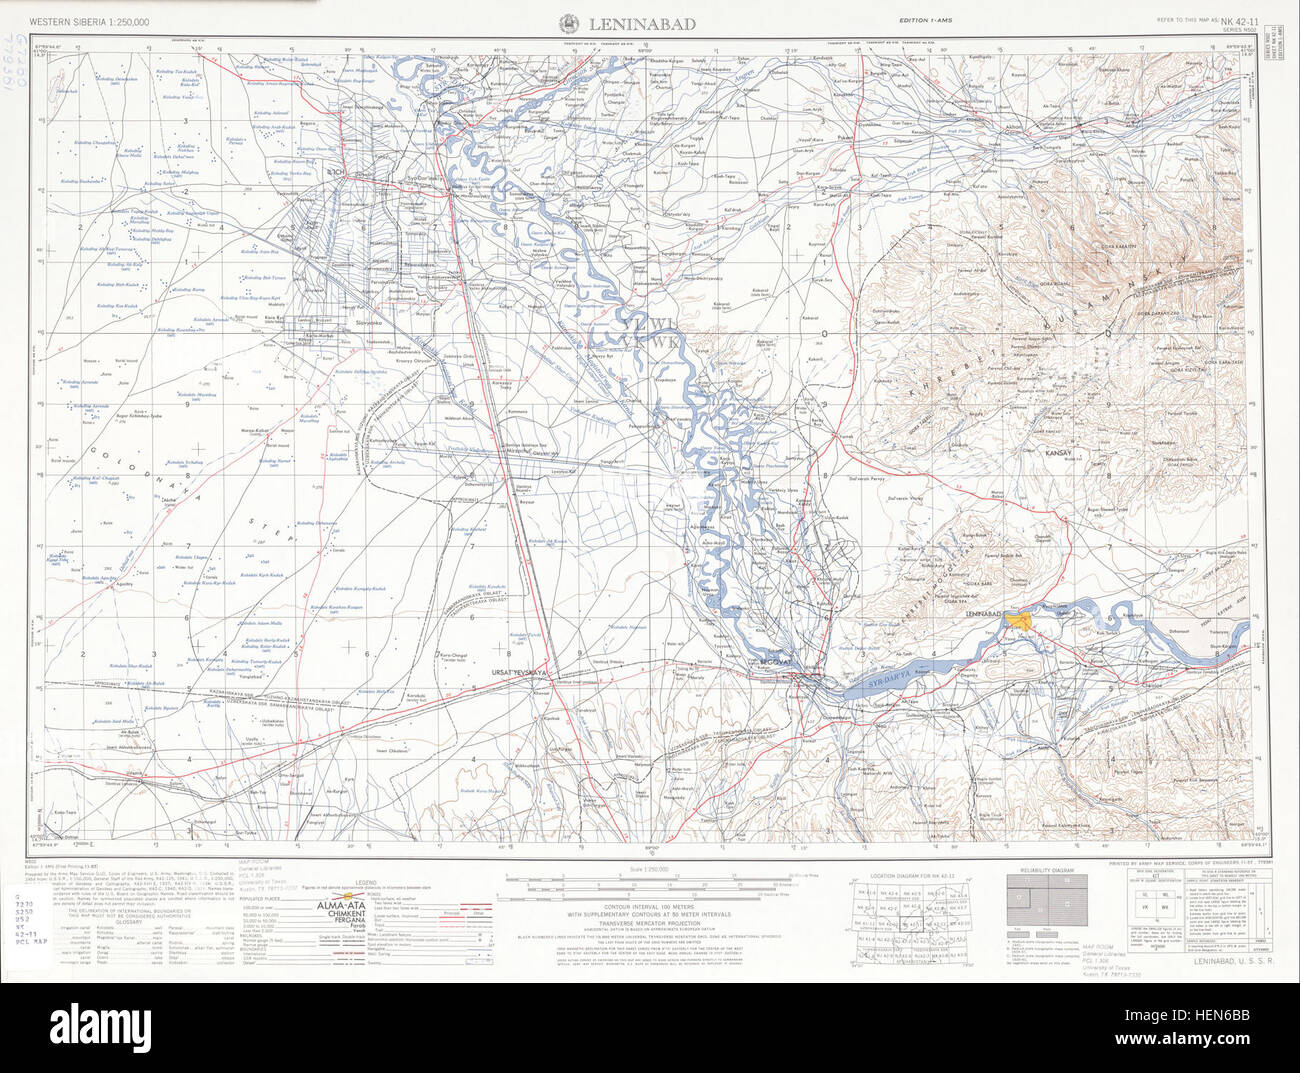 USSR map NK 4211 Leninabad Stock Photo 129543775 Alamy